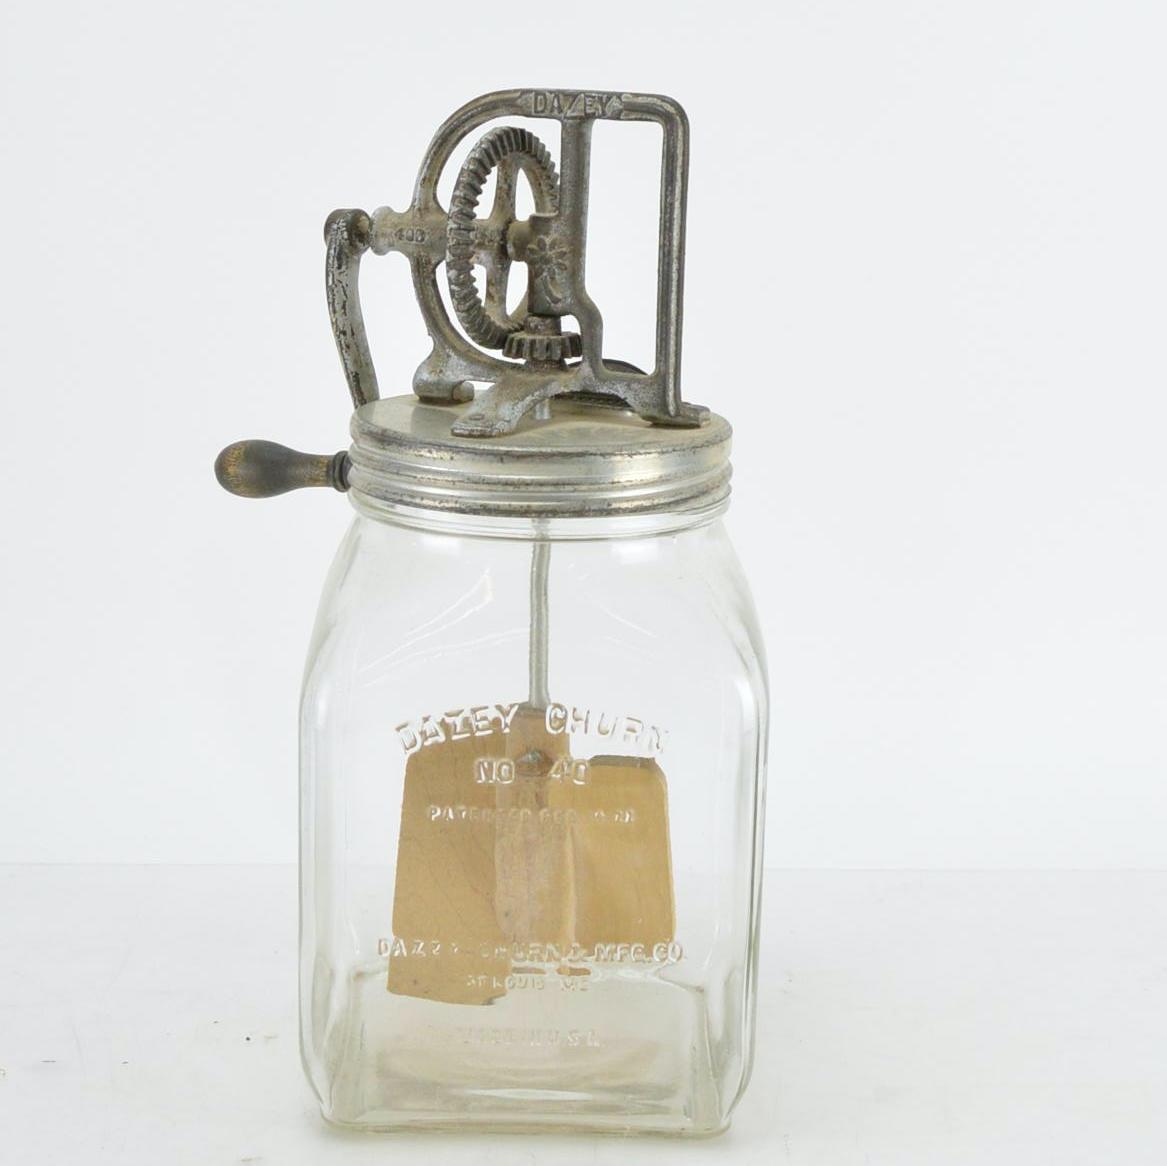 Vintage Dazey No. 40 Butter Churn